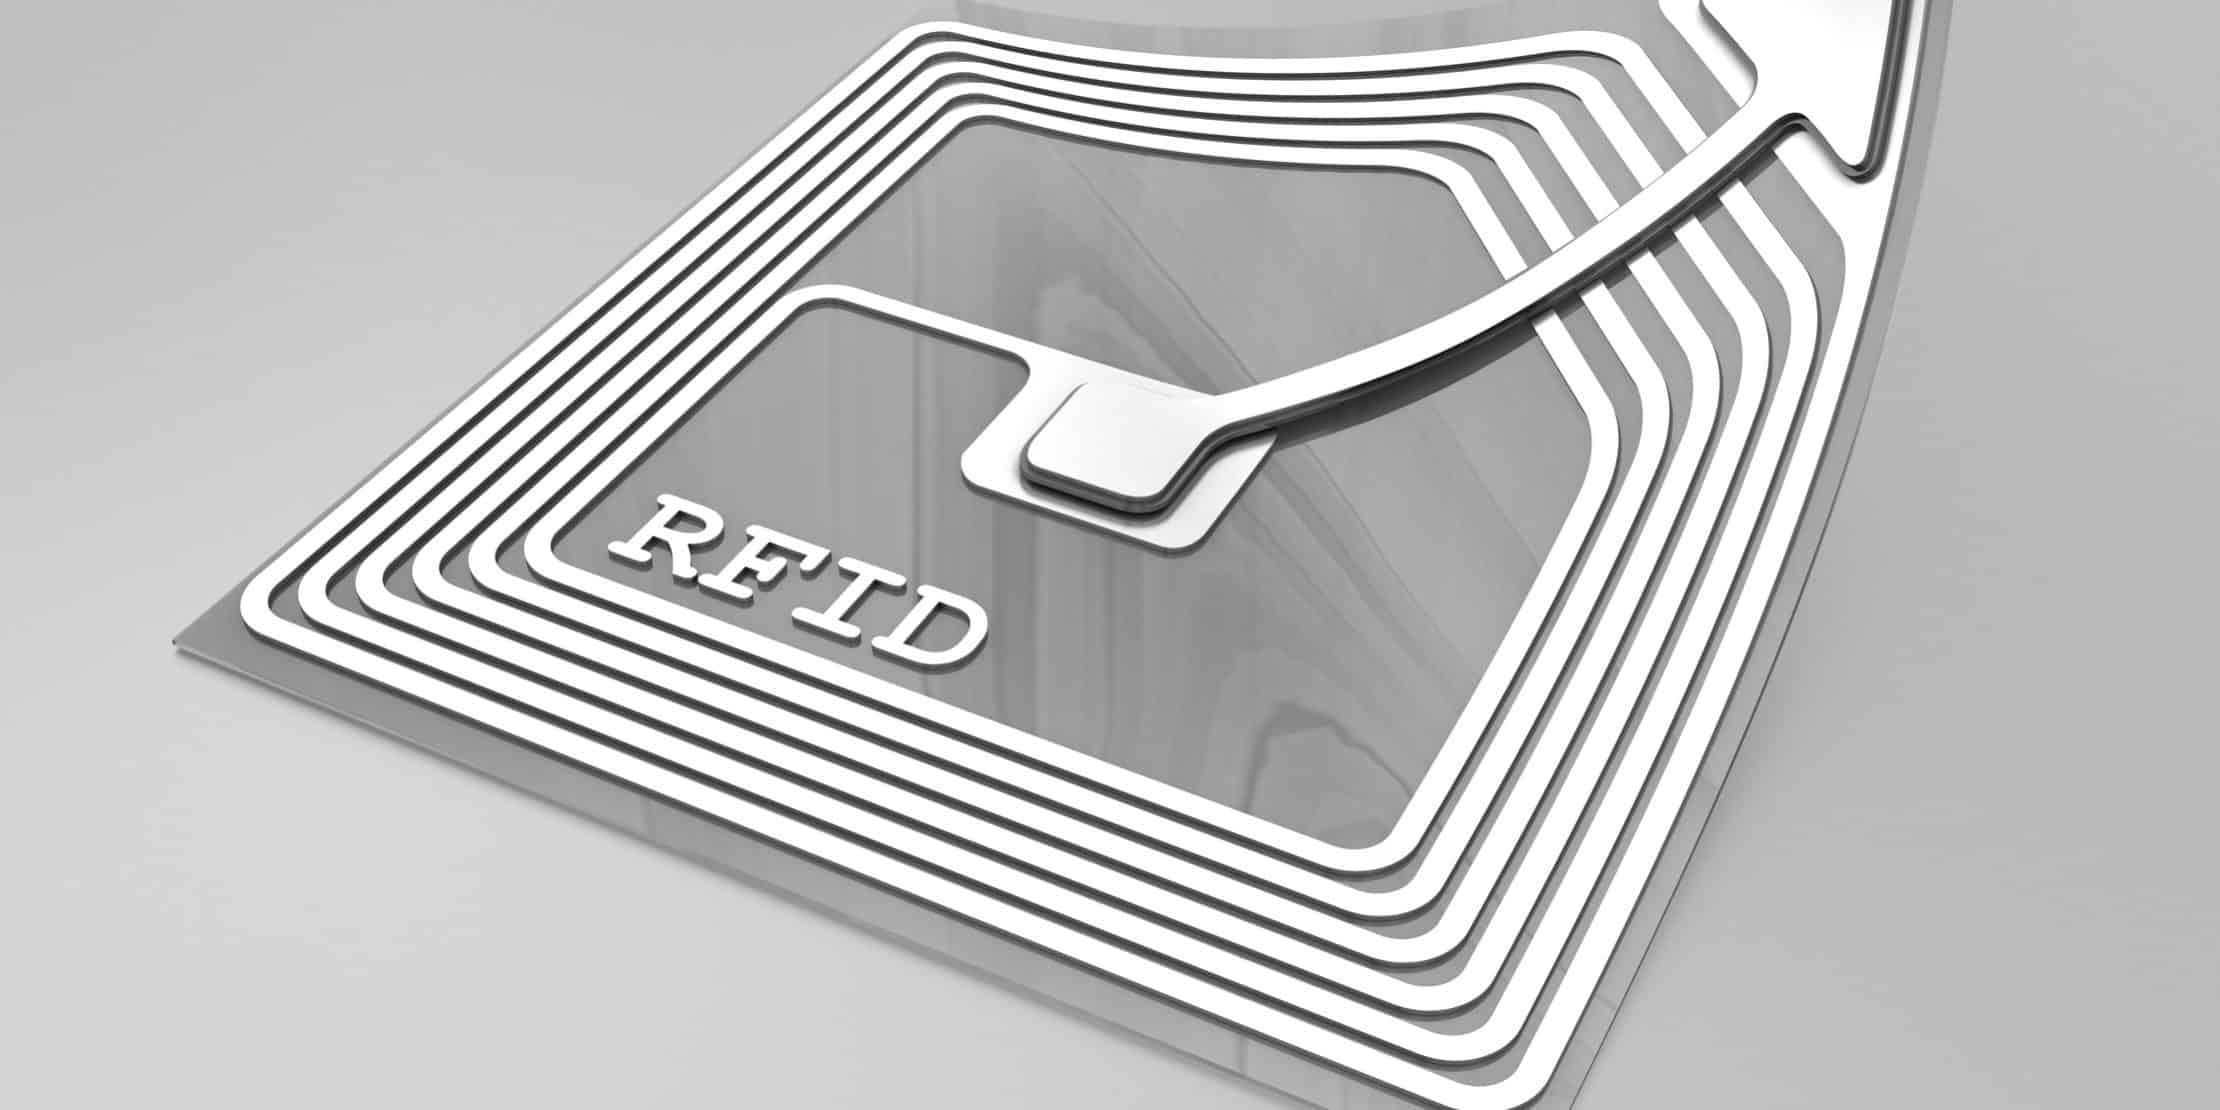 RFID Food Industry Header Image